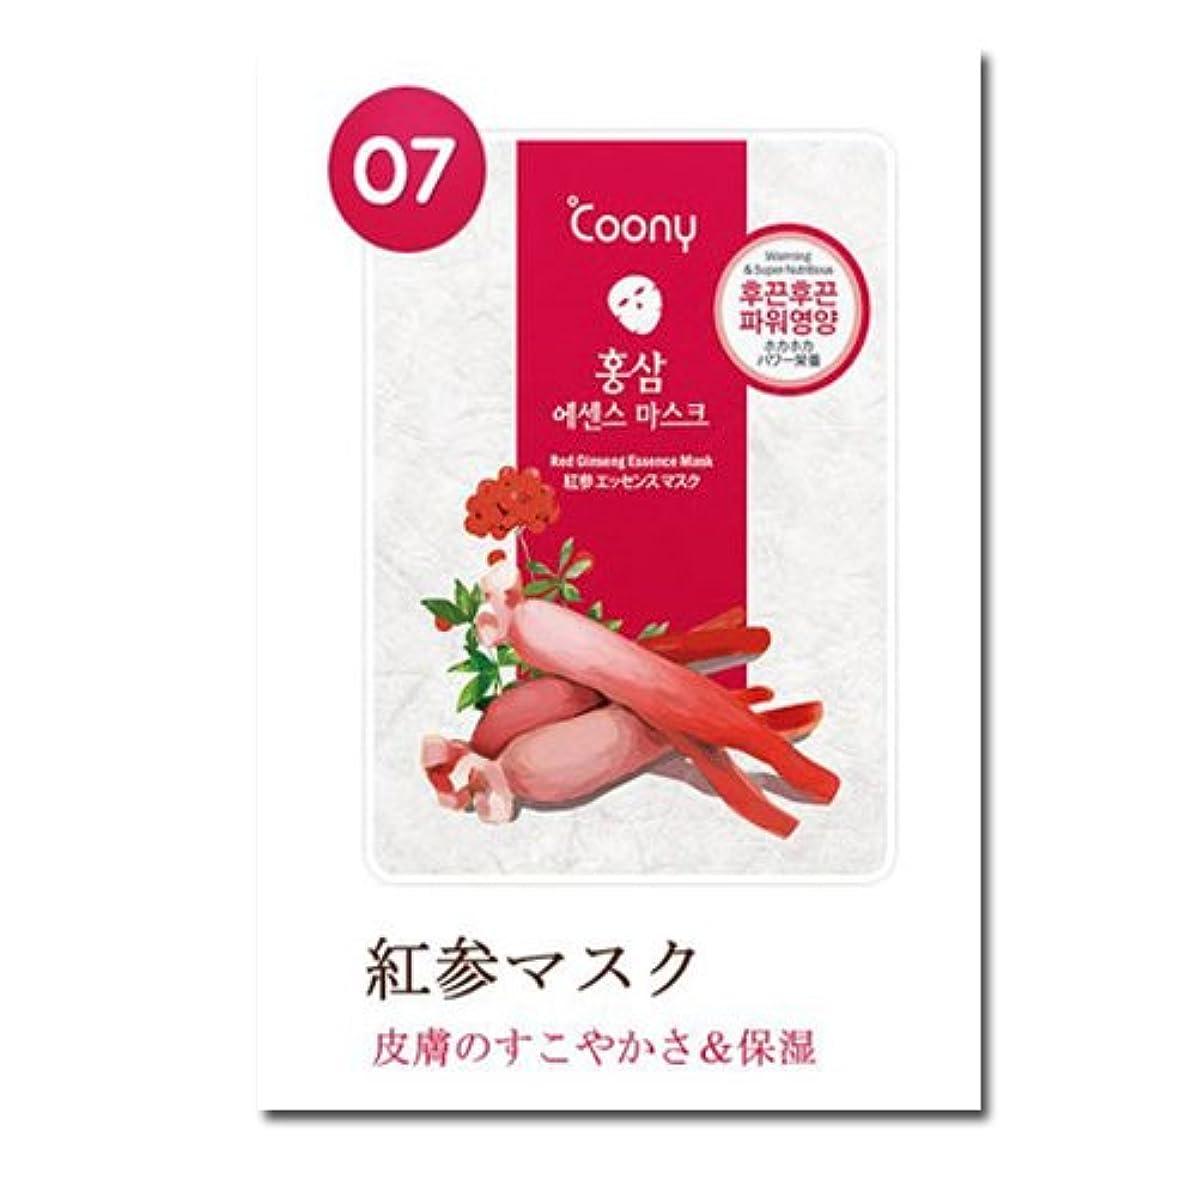 援助する性差別勇敢なcoony?韓国コスメ/潤い/乾燥肌/エッセンスマスクパック/紅参マスクパック10枚//びっくり品質